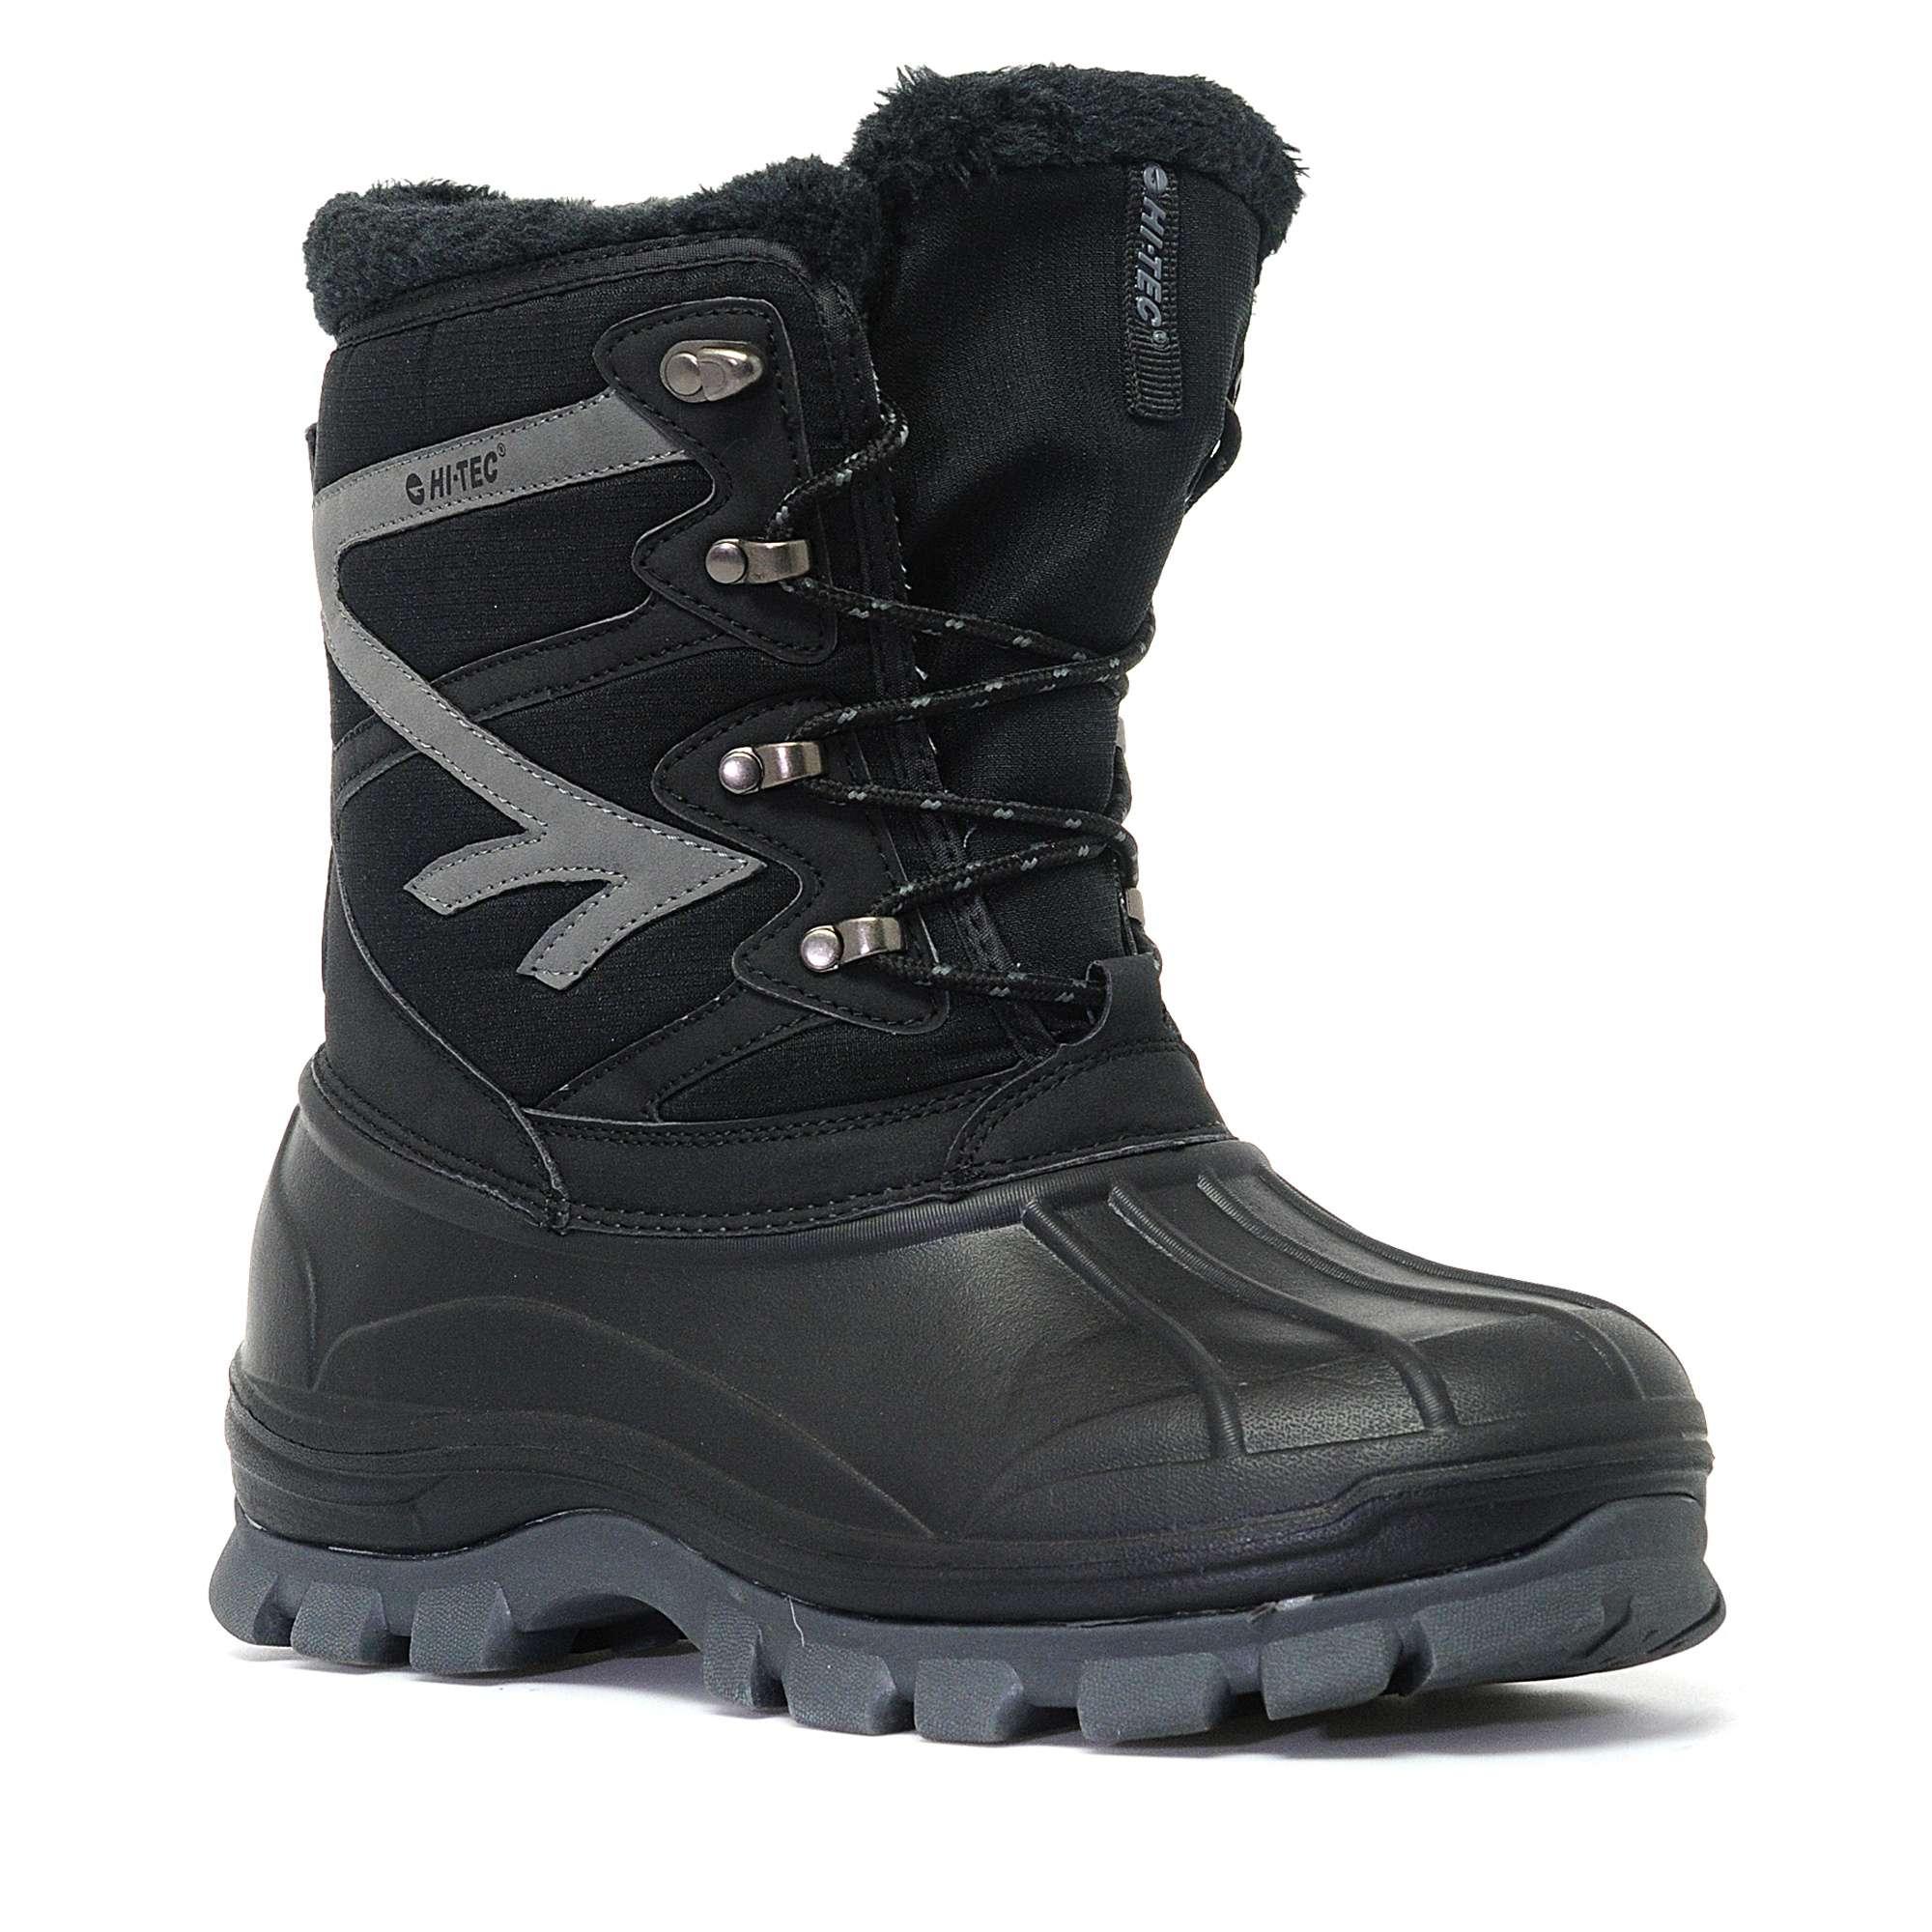 HI TEC Men's Avalanche Snow Boot